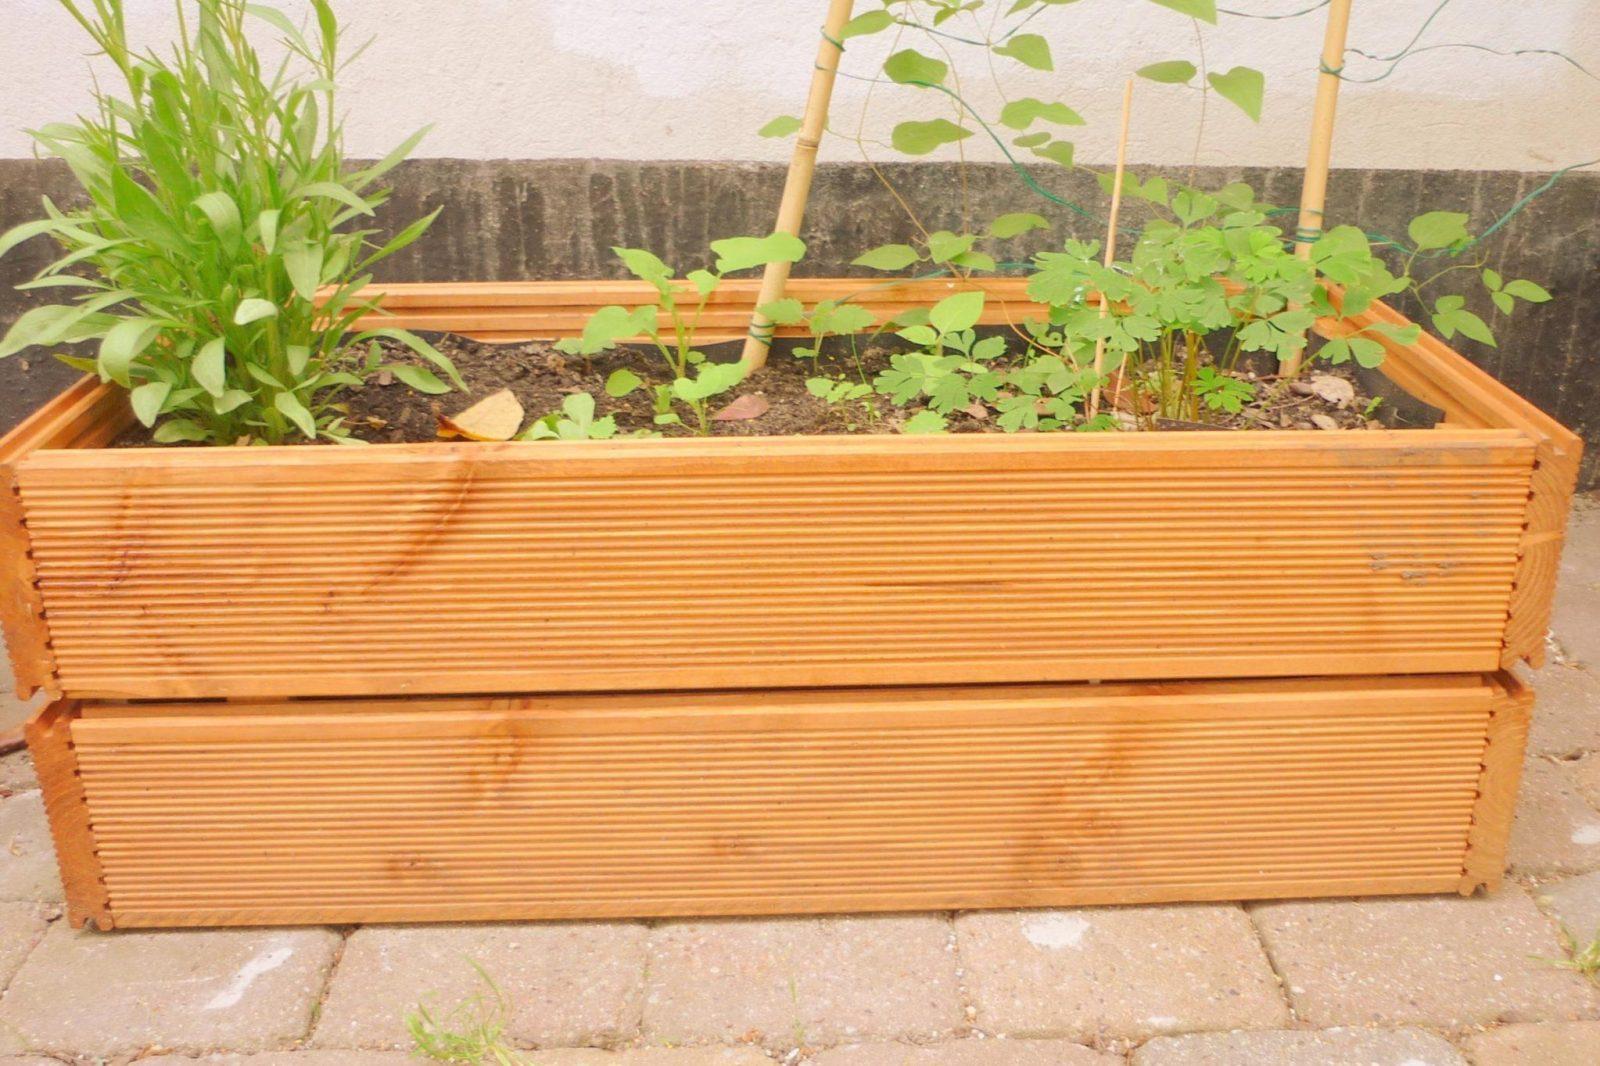 Pflanztrog Holz Selber Bauen  Die Schönsten Einrichtungsideen von Blumenkübel Holz Selber Bauen Bild